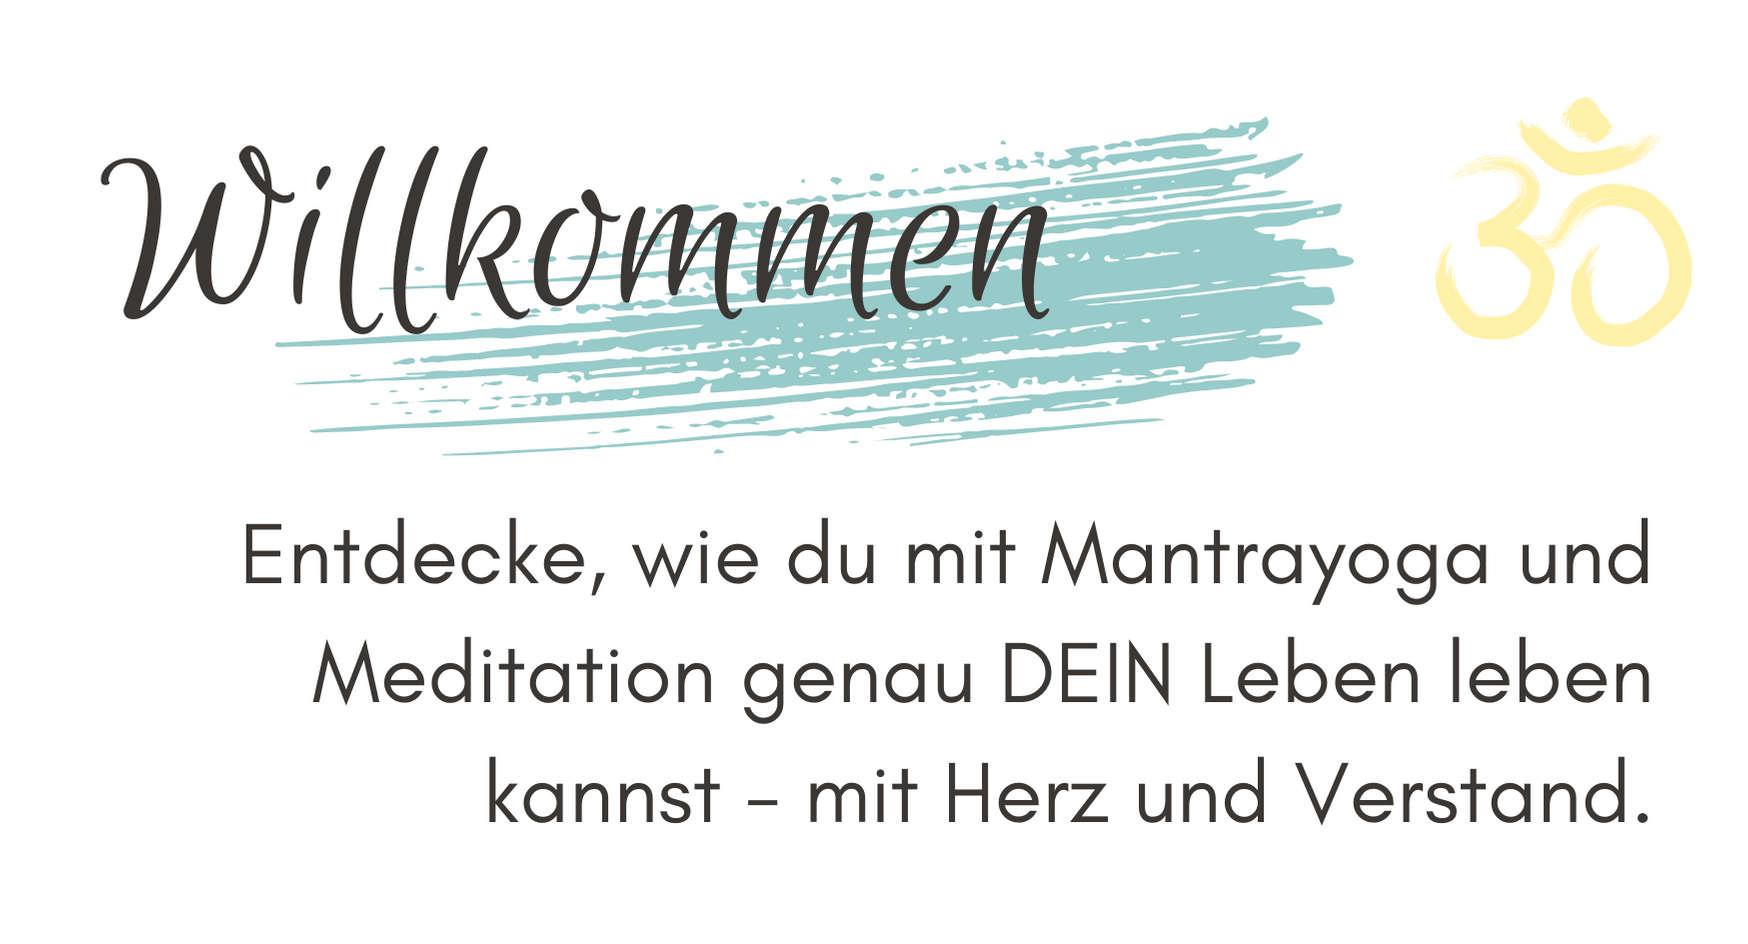 Entdecke, wie du mit Mantrayoga und Meditation genau DEIN Leben leben kannst - mit Herz und Verstand.